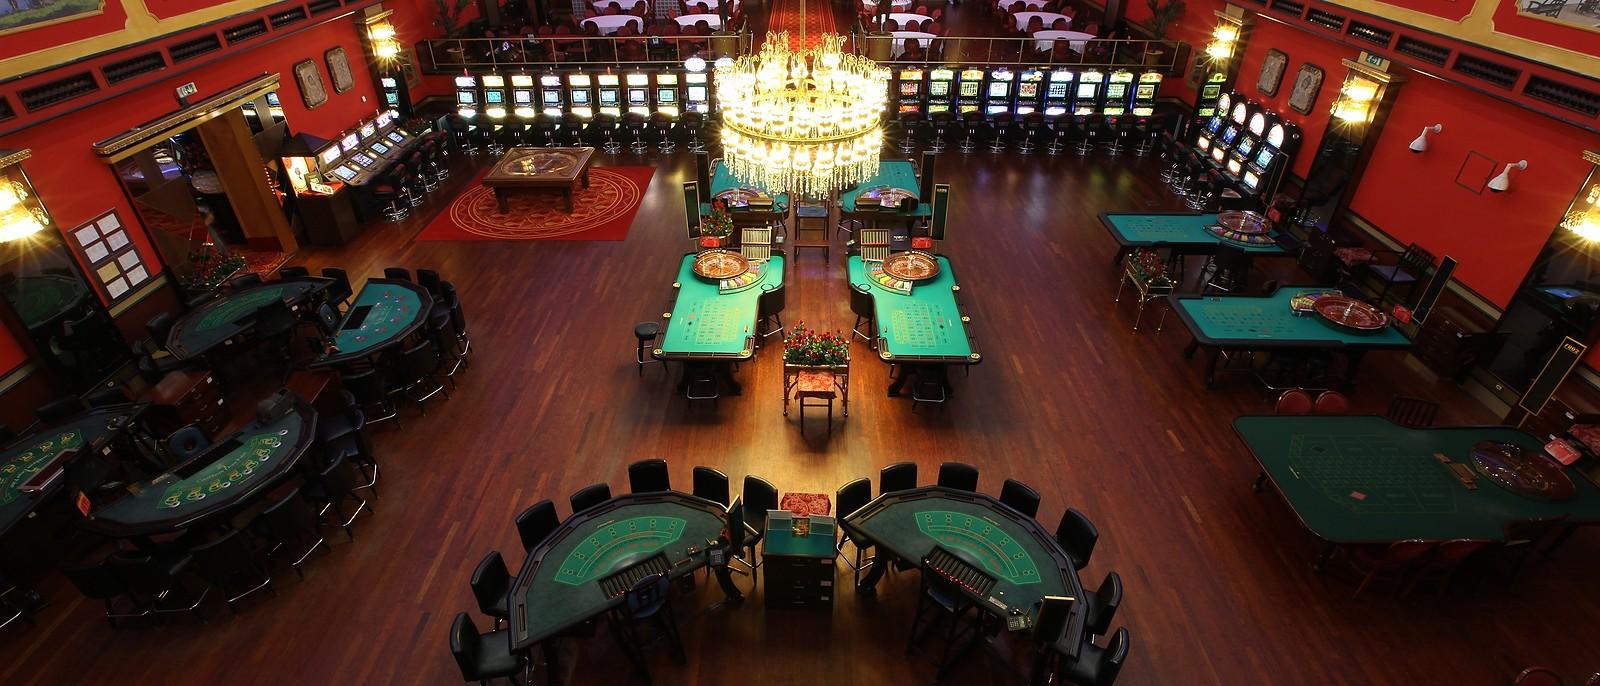 Щебені казино Metropol обірвані присосками дилерів в казино